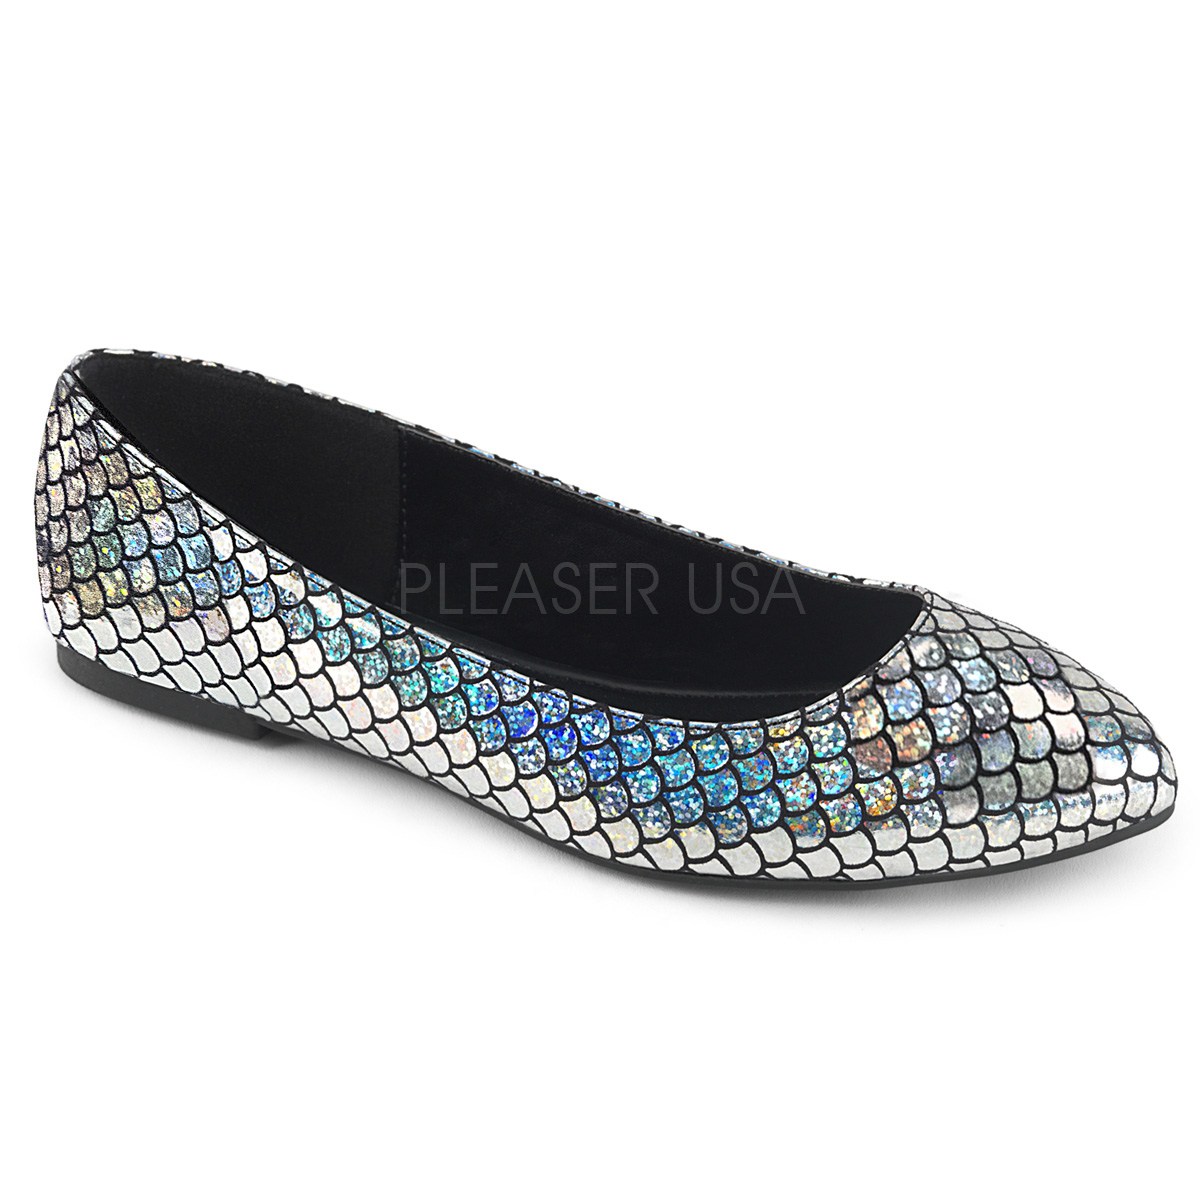 modelli di grande varietà Il meglio del 2019 vari design Argento MERMAID-21 ballerine scarpe basse donna